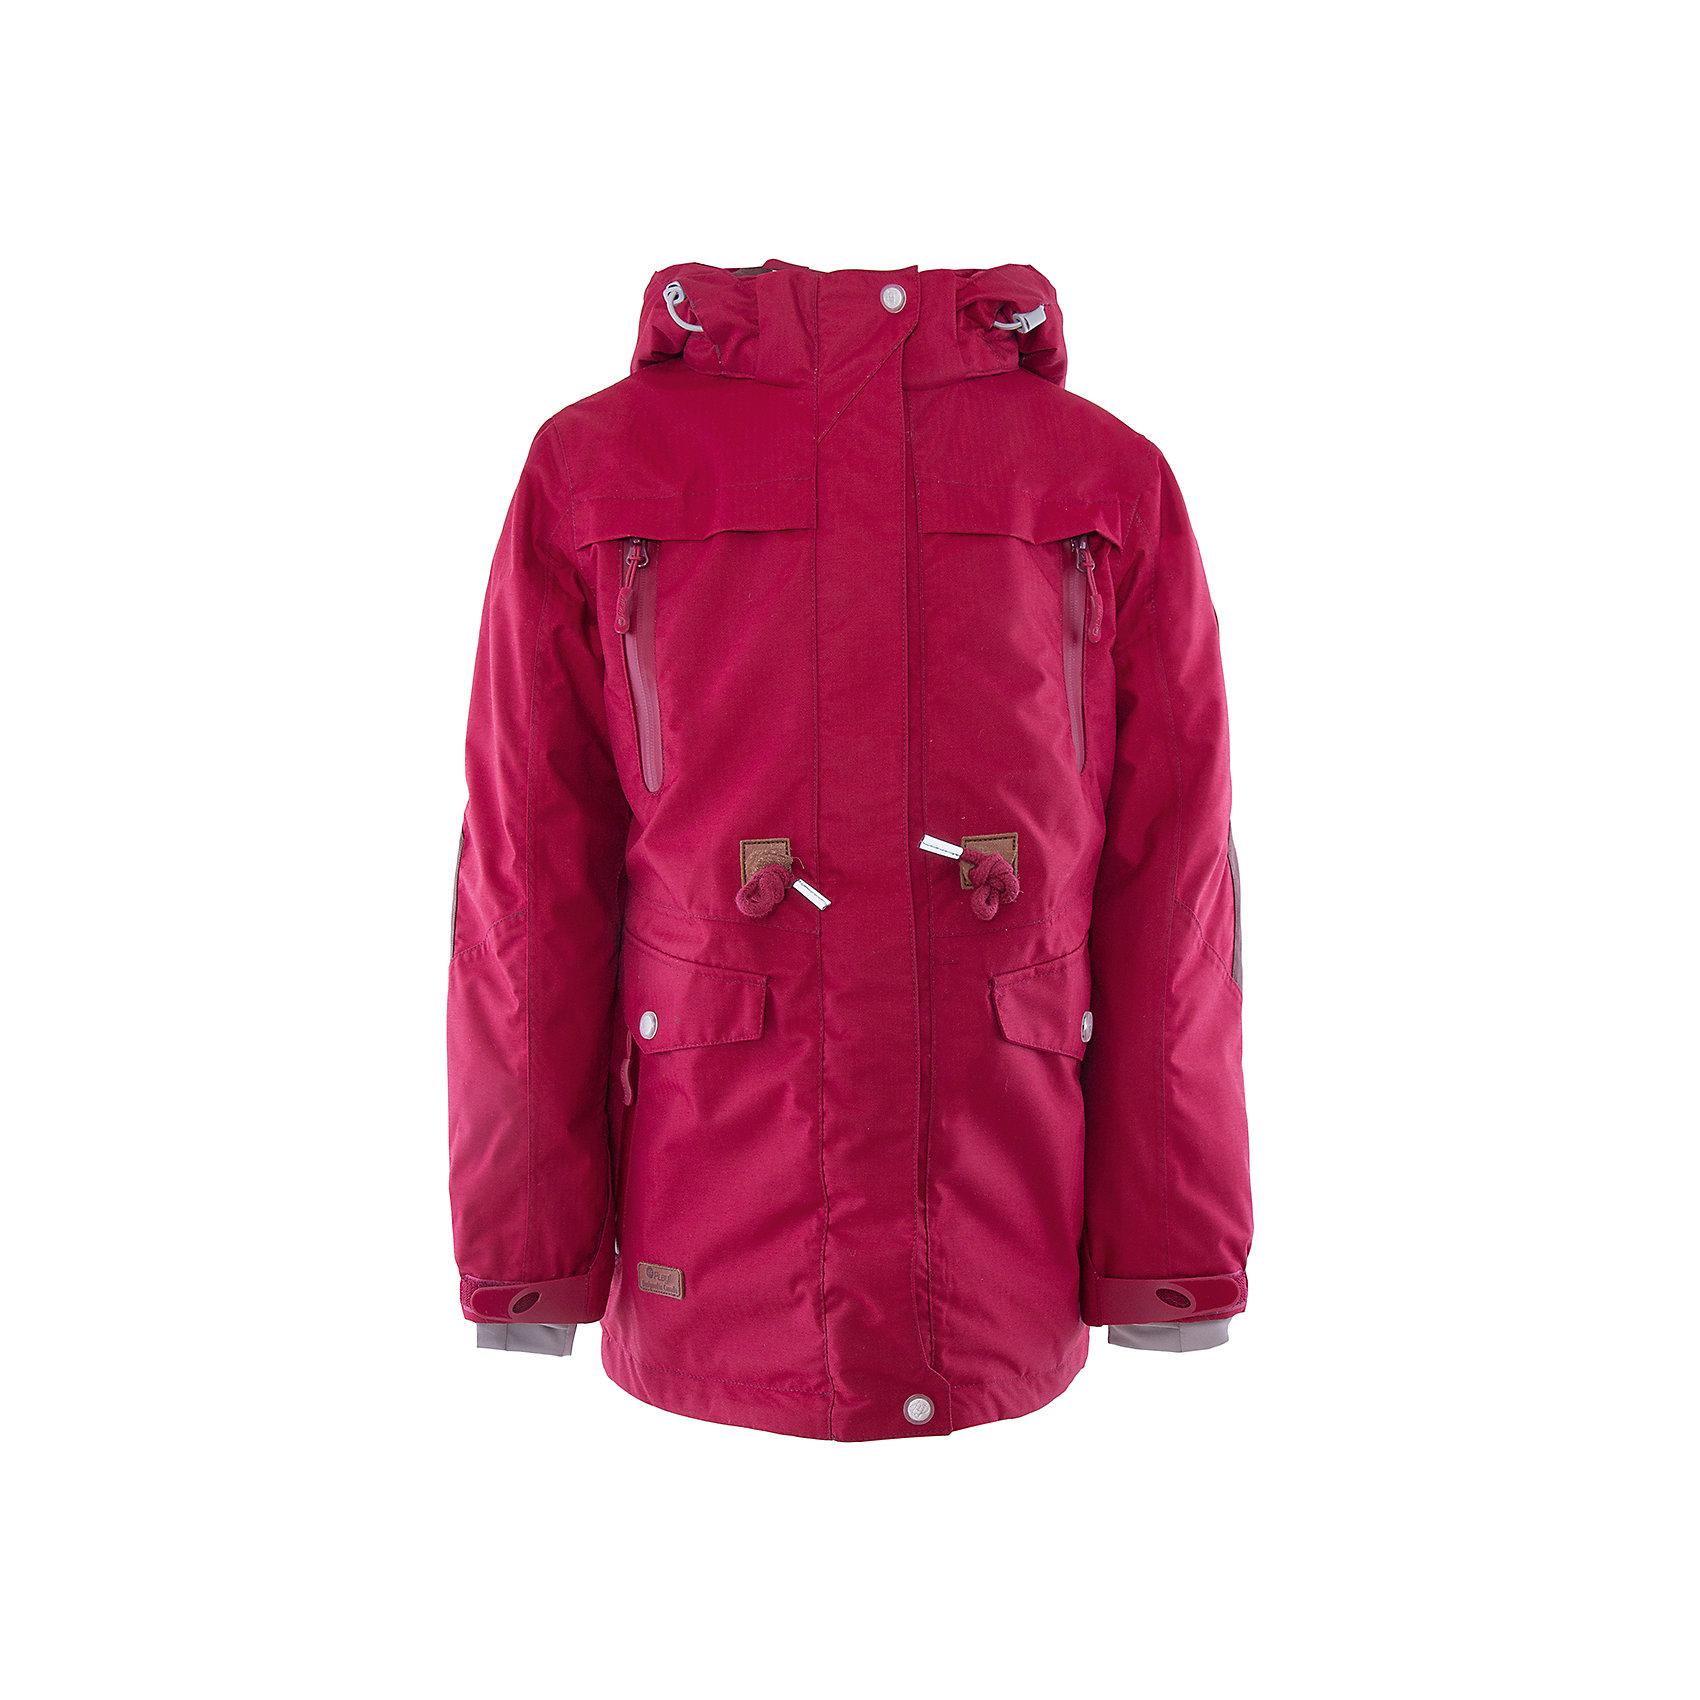 Куртка для девочки atPlay!Зимой необходимо особенно тщательно подходить к подбору одежды для ребенка. Чтобы обеспечить ему тепло, сухость и комфорт, можно выбрать эту куртку, сшитую из мембранного материала.<br>Он позволяет коже дышать, помогает выводить лишнюю влагу, при этом не позволяет ребенку замерзнуть или промокнуть. Выглядит при этом модель очень симпатично! Изделие выполнено очень качественно. Фурнитура для него подбиралась с учетом особенностей детского организма. Курточка удлиненная, с капюшоном.<br><br>Дополнительная информация:<br><br>цвет: красный;<br>материал: полиэстер, фурнитура YKK, водо- и грязеотталкивающее покрытие Teflon;<br>утеплитель: Thinsulate 150 г;<br>температурный режим: от - 25° С до +5° С;<br>капюшон;<br>паропроницаемость: 10000 г / м.куб. / 24 ч;<br>водонепроницаемость: 10000 мм / 24 ч;<br>планка от ветра;<br>легко чистить.<br><br>Куртку для девочки от бренда atPlay! можно приобрести в нашем интернет-магазине.<br><br>Ширина мм: 356<br>Глубина мм: 10<br>Высота мм: 245<br>Вес г: 519<br>Цвет: красный<br>Возраст от месяцев: 120<br>Возраст до месяцев: 132<br>Пол: Женский<br>Возраст: Детский<br>Размер: 146,134,158,152,140<br>SKU: 4940538